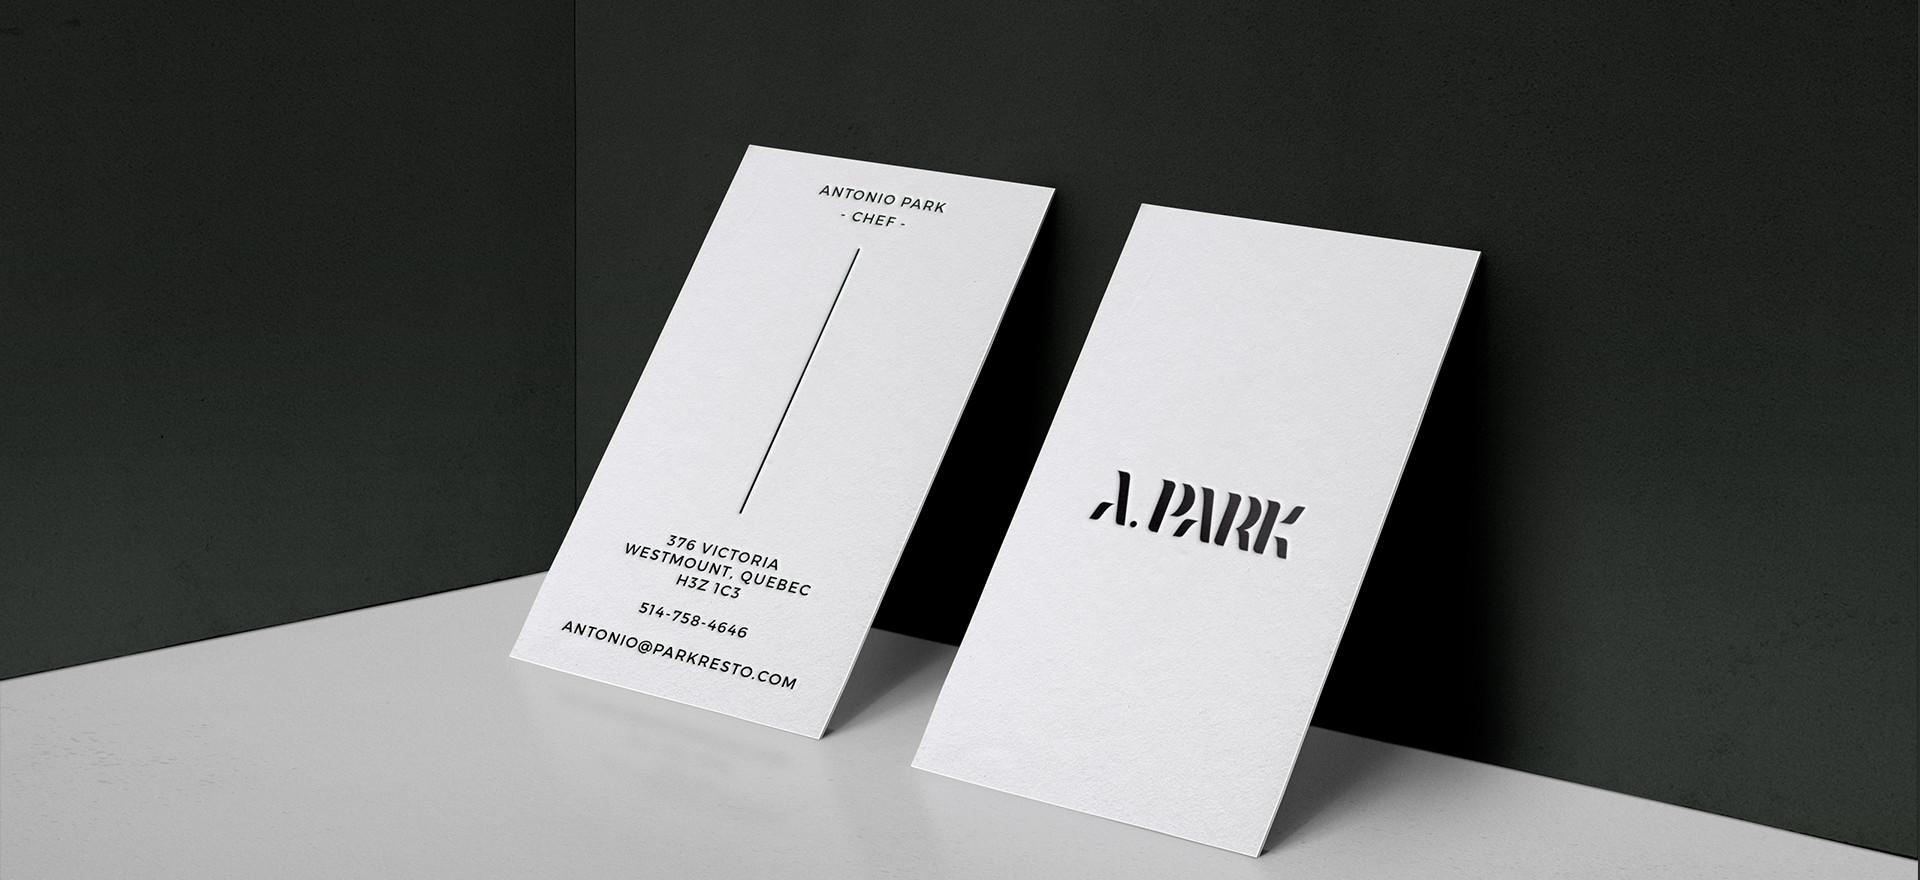 Antonio Park Carte d'affaire